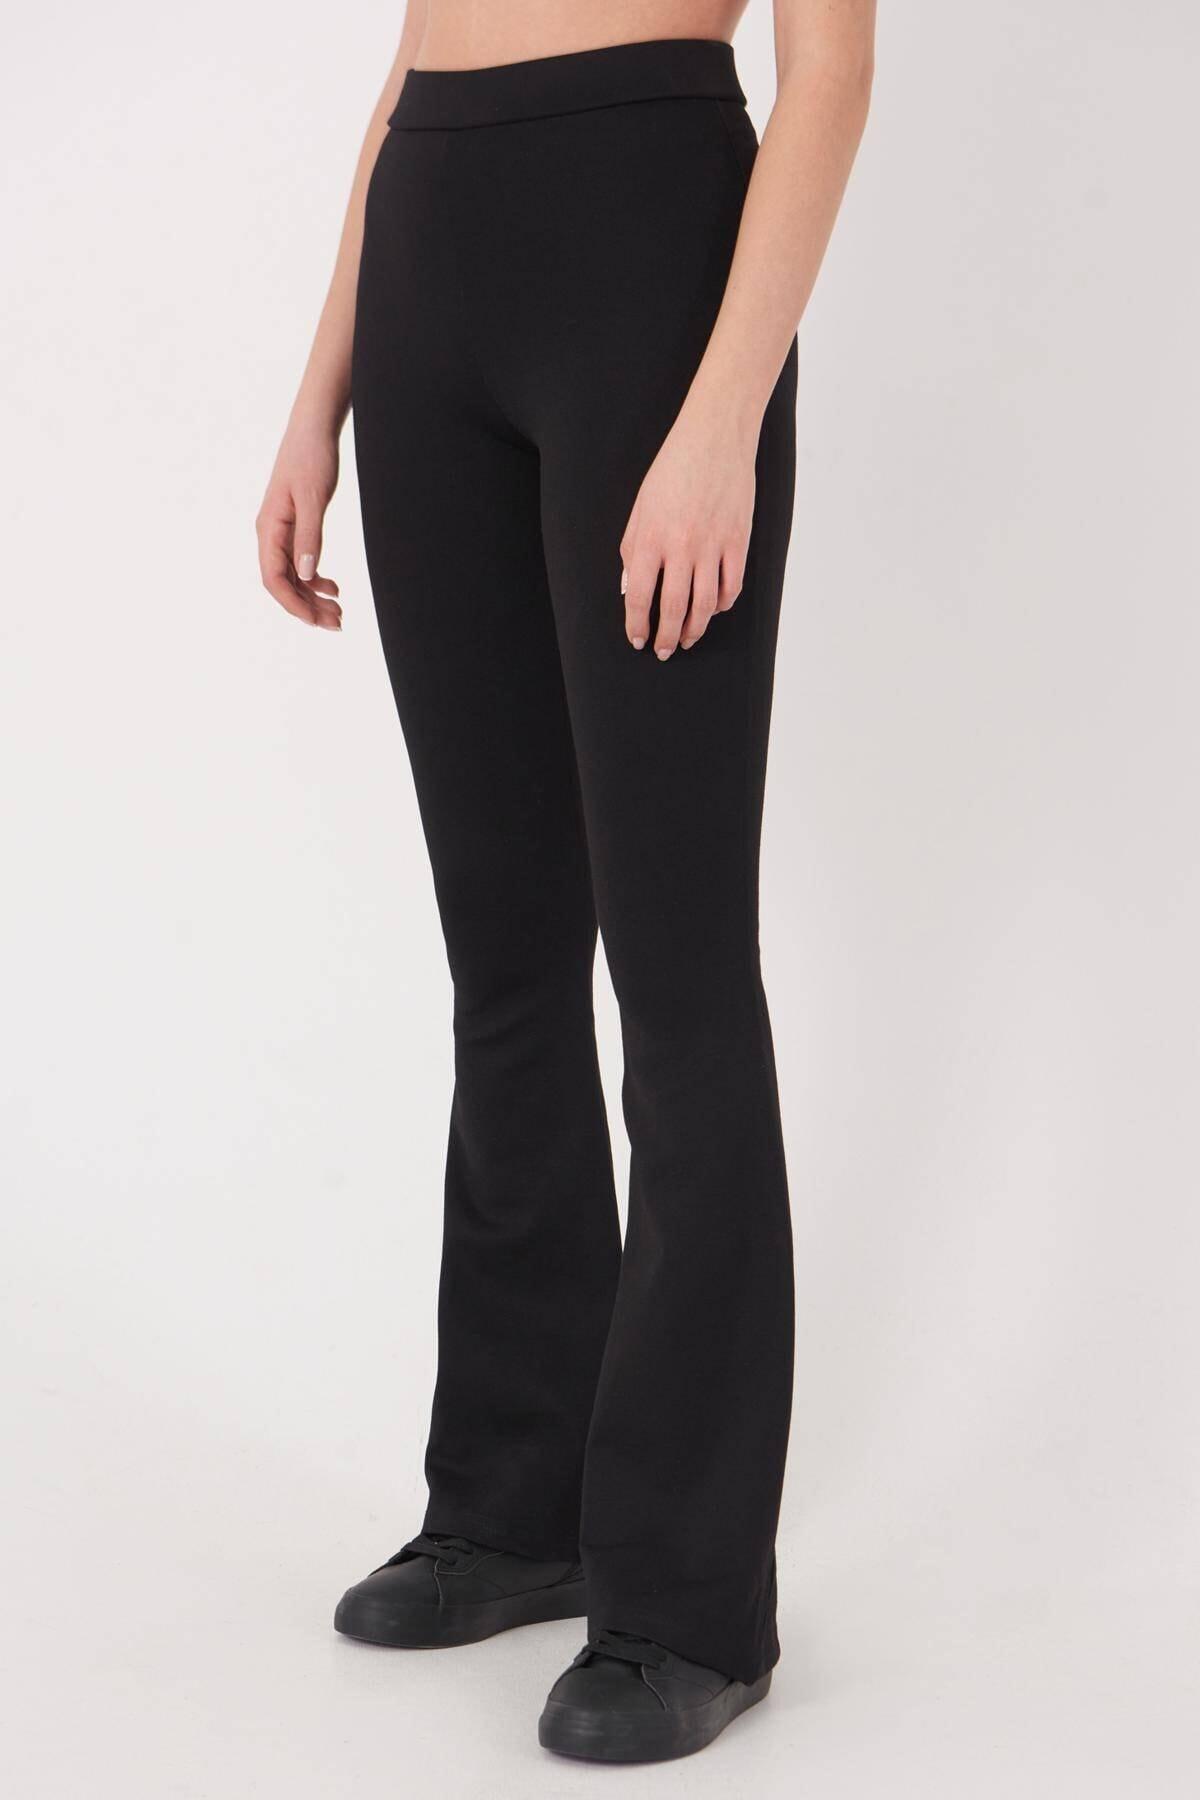 Addax Kadın Siyah İspanyol Paça Tayt Pantolon ADX-00012474 3